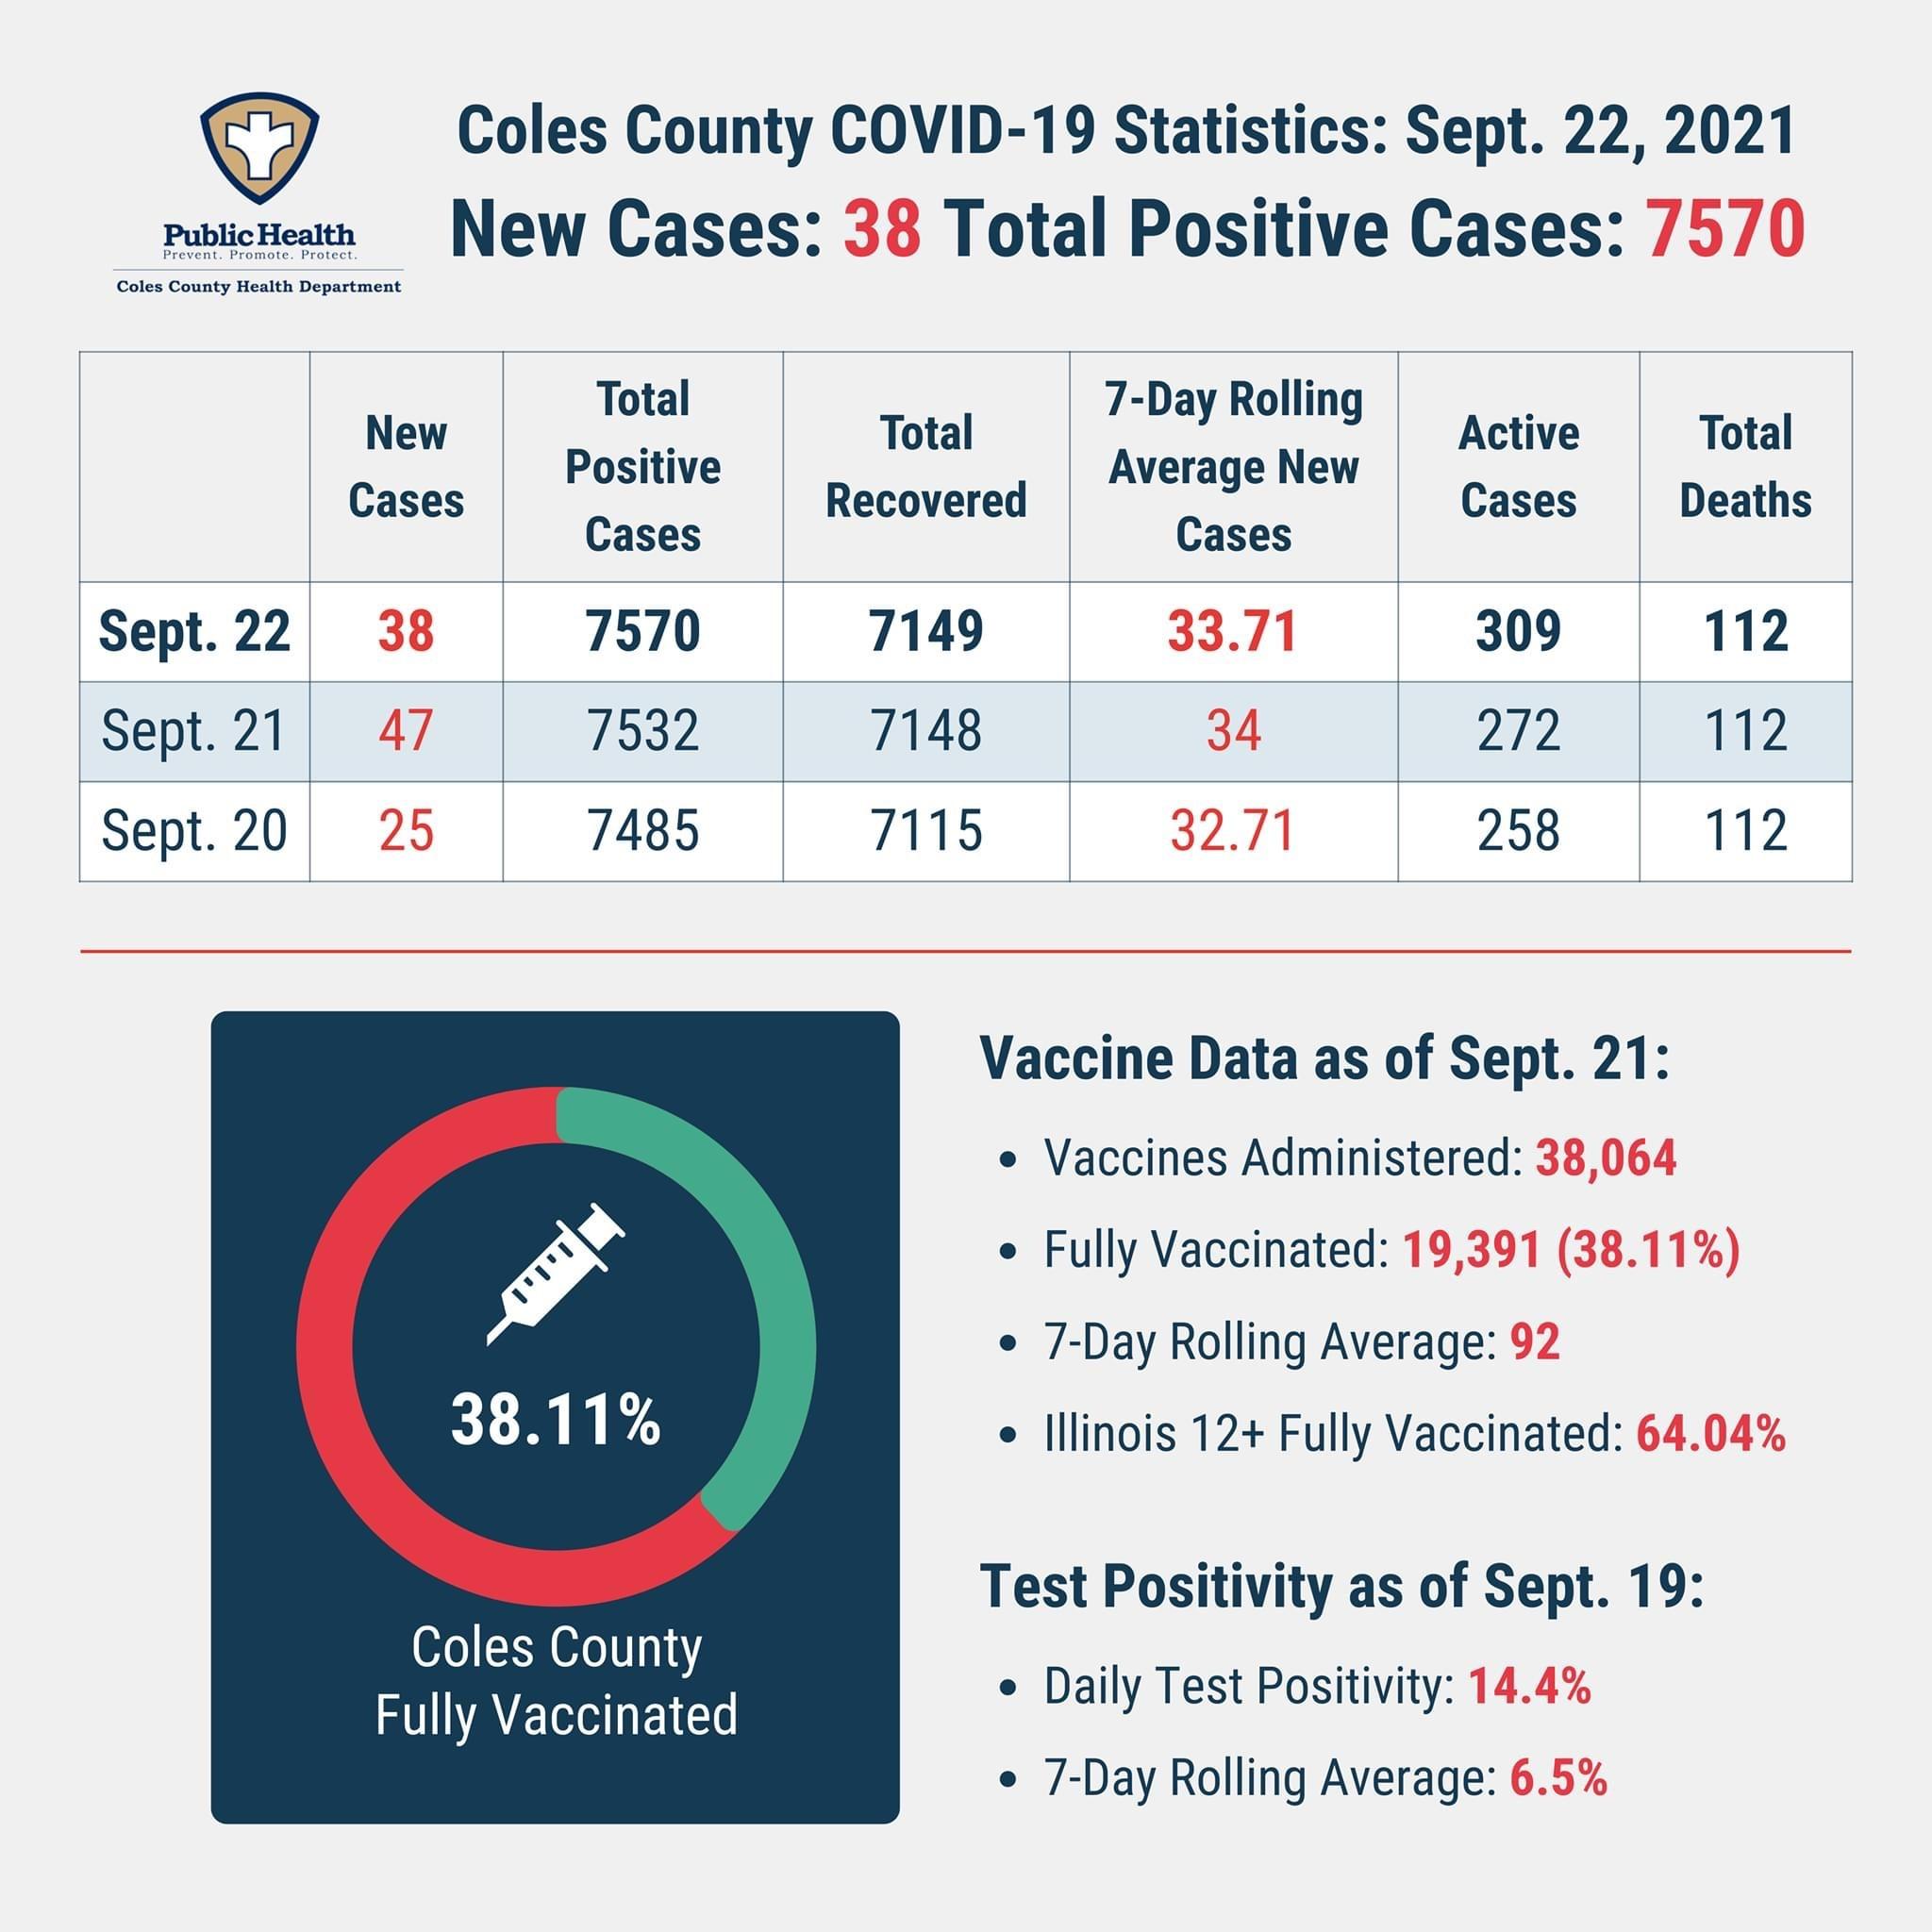 coles county covid